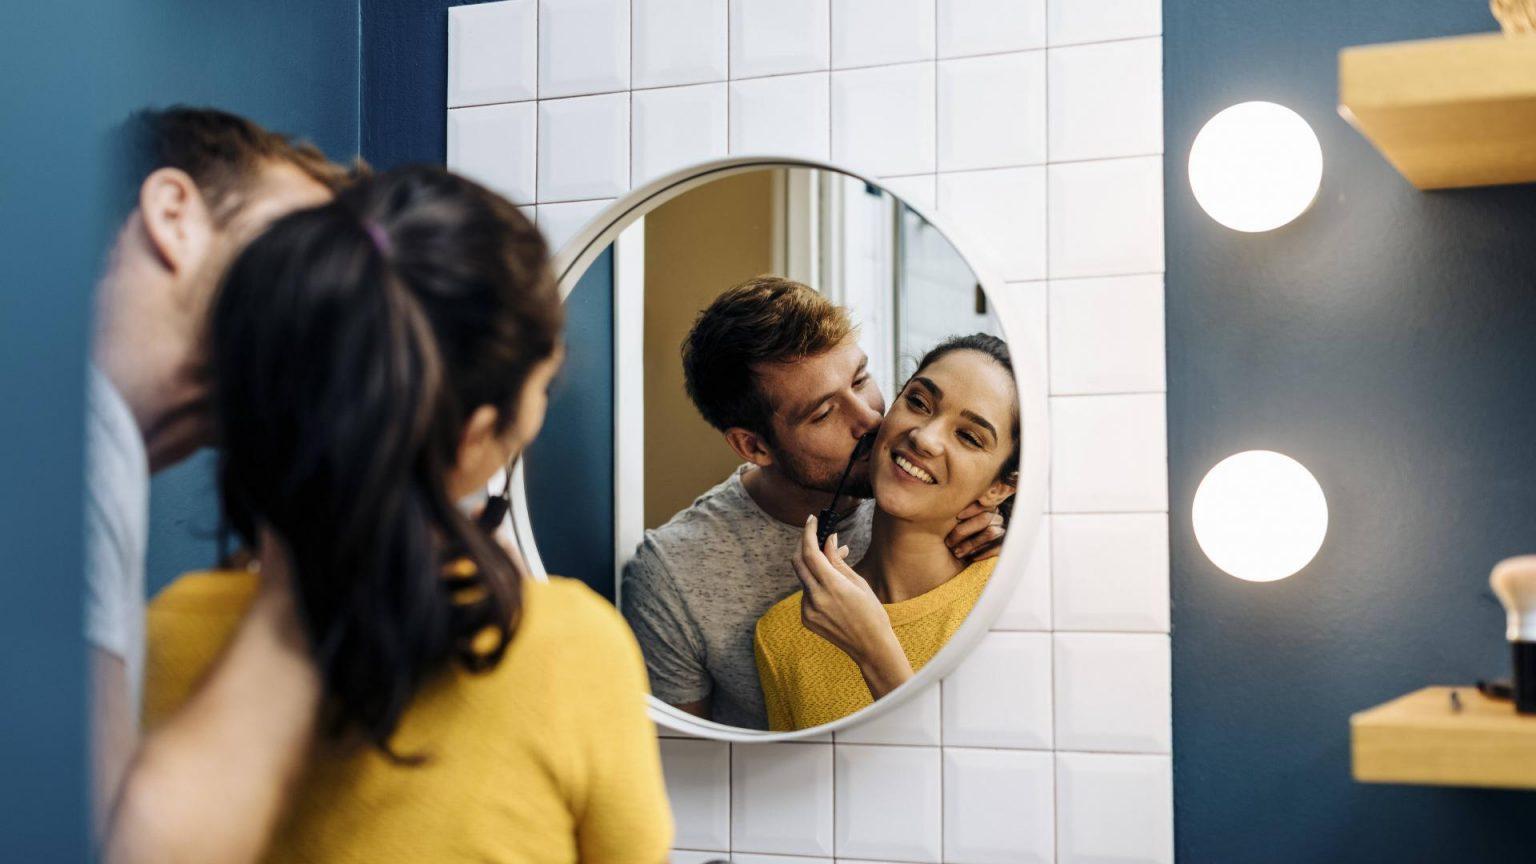 Wann mit dem Partner zusammenziehen? 5 Tipps